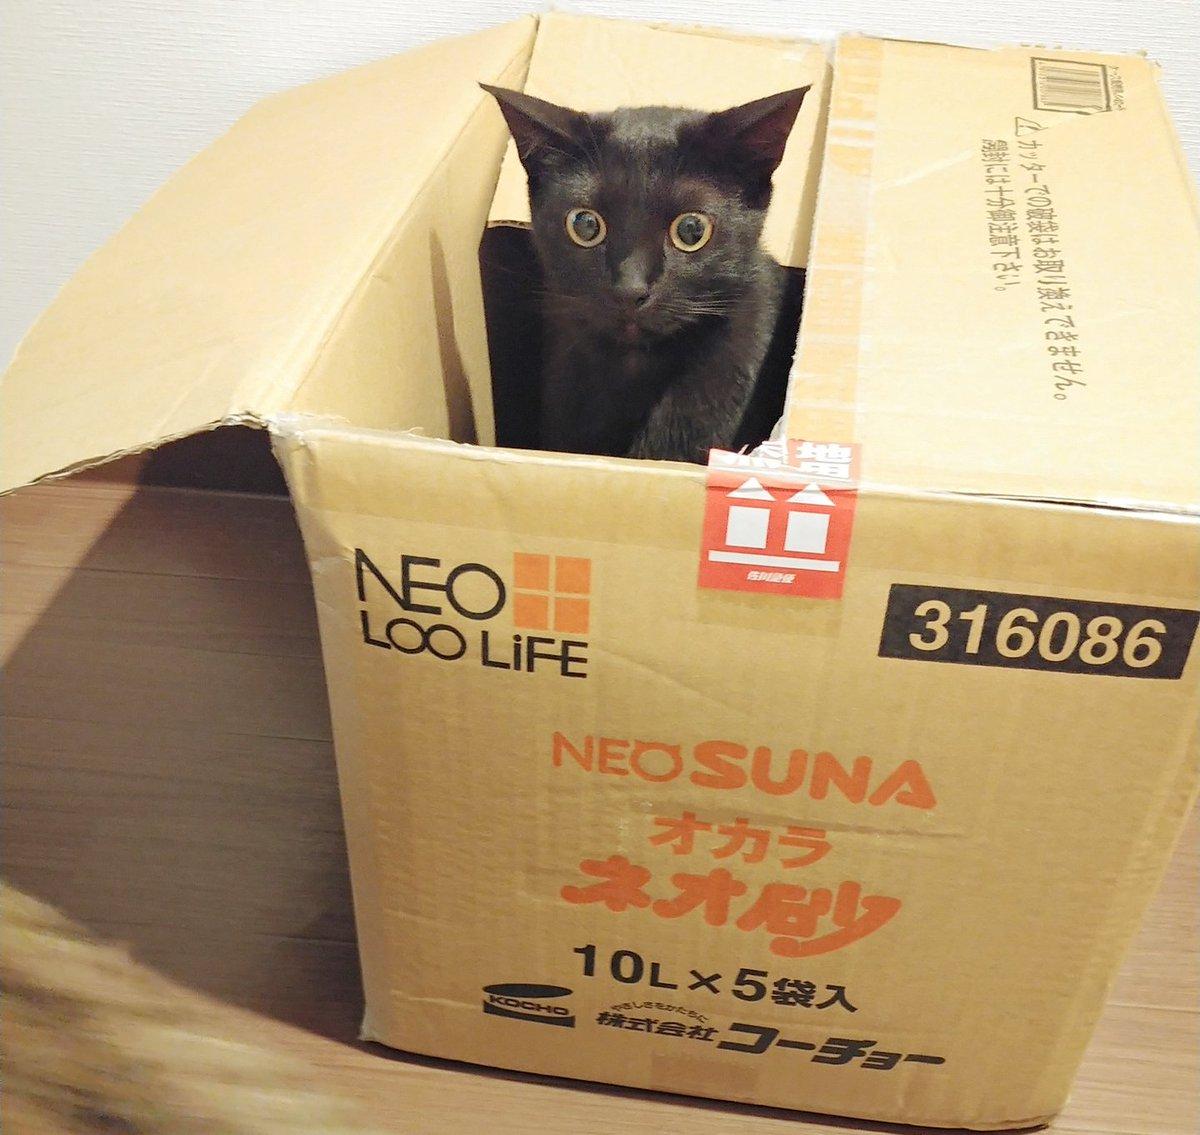 486日目。大きな段ボールが届いたので開封したところ、自分の使命とでも言わんばかりに箱へ飛び込む黒猫。箱ソムリエ・黒猫のお眼鏡にかなったのかそこそこ気に入ったようだったので解体前に改造したら一応入ってはくれたが、「ハコはありのままがいちばん…」と出ていった。今はキジトラが住んでる